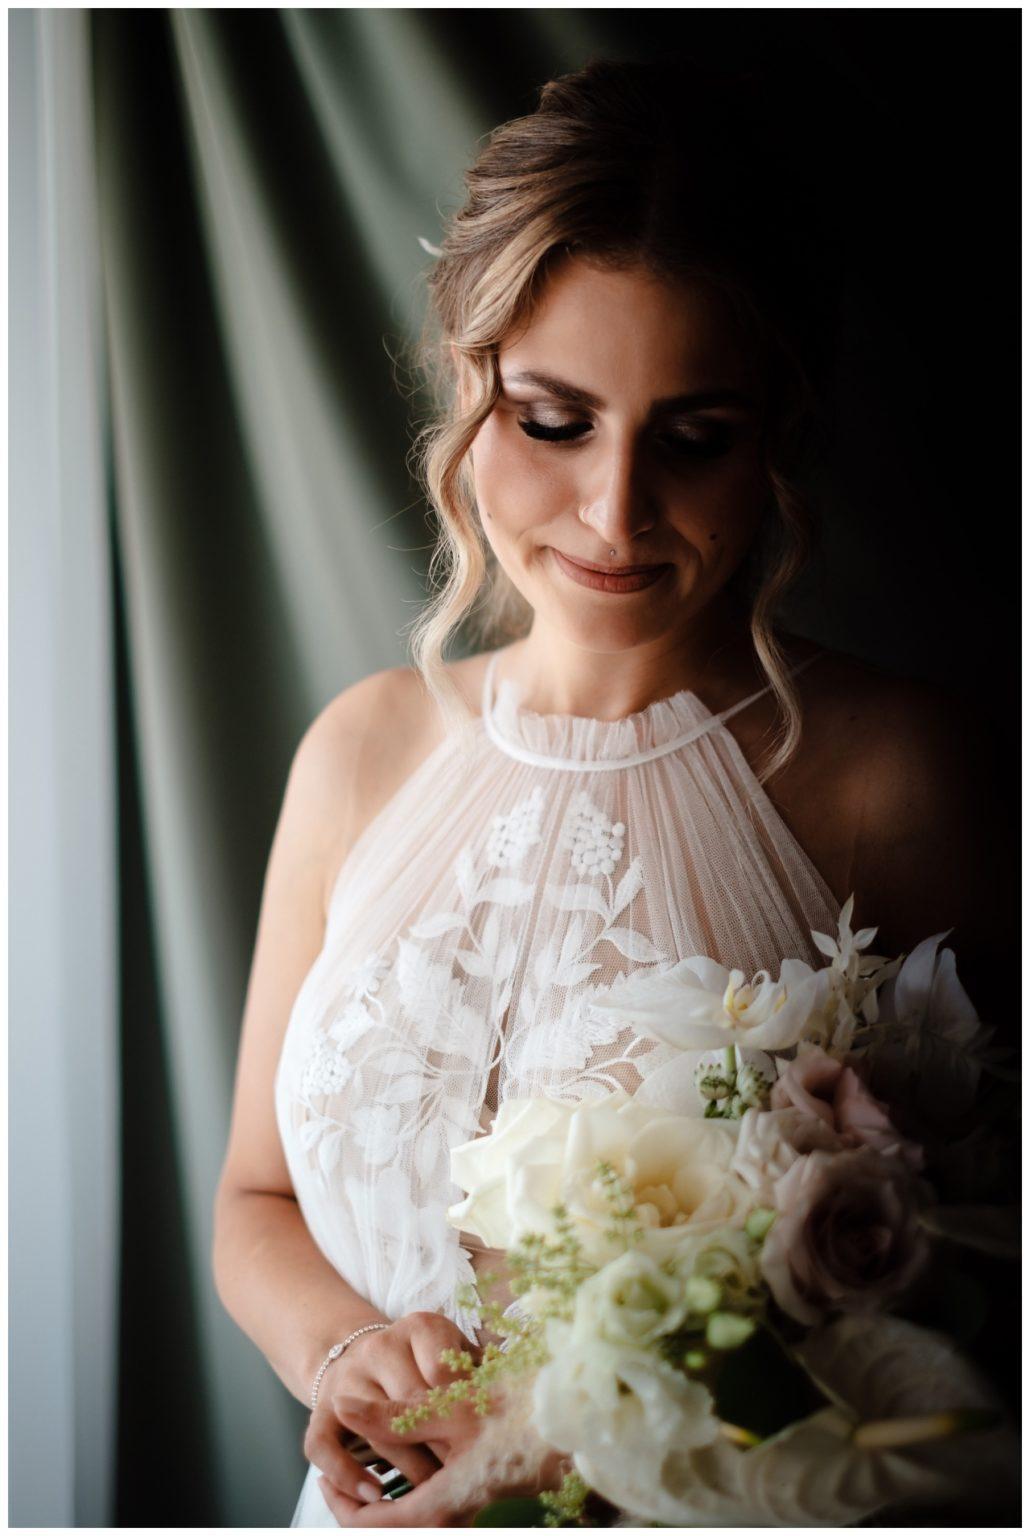 hochzeit brac inse boho heiraten kroatien hochzeitsplaner 12 - Glam Boho Hochzeit auf der Insel Brač